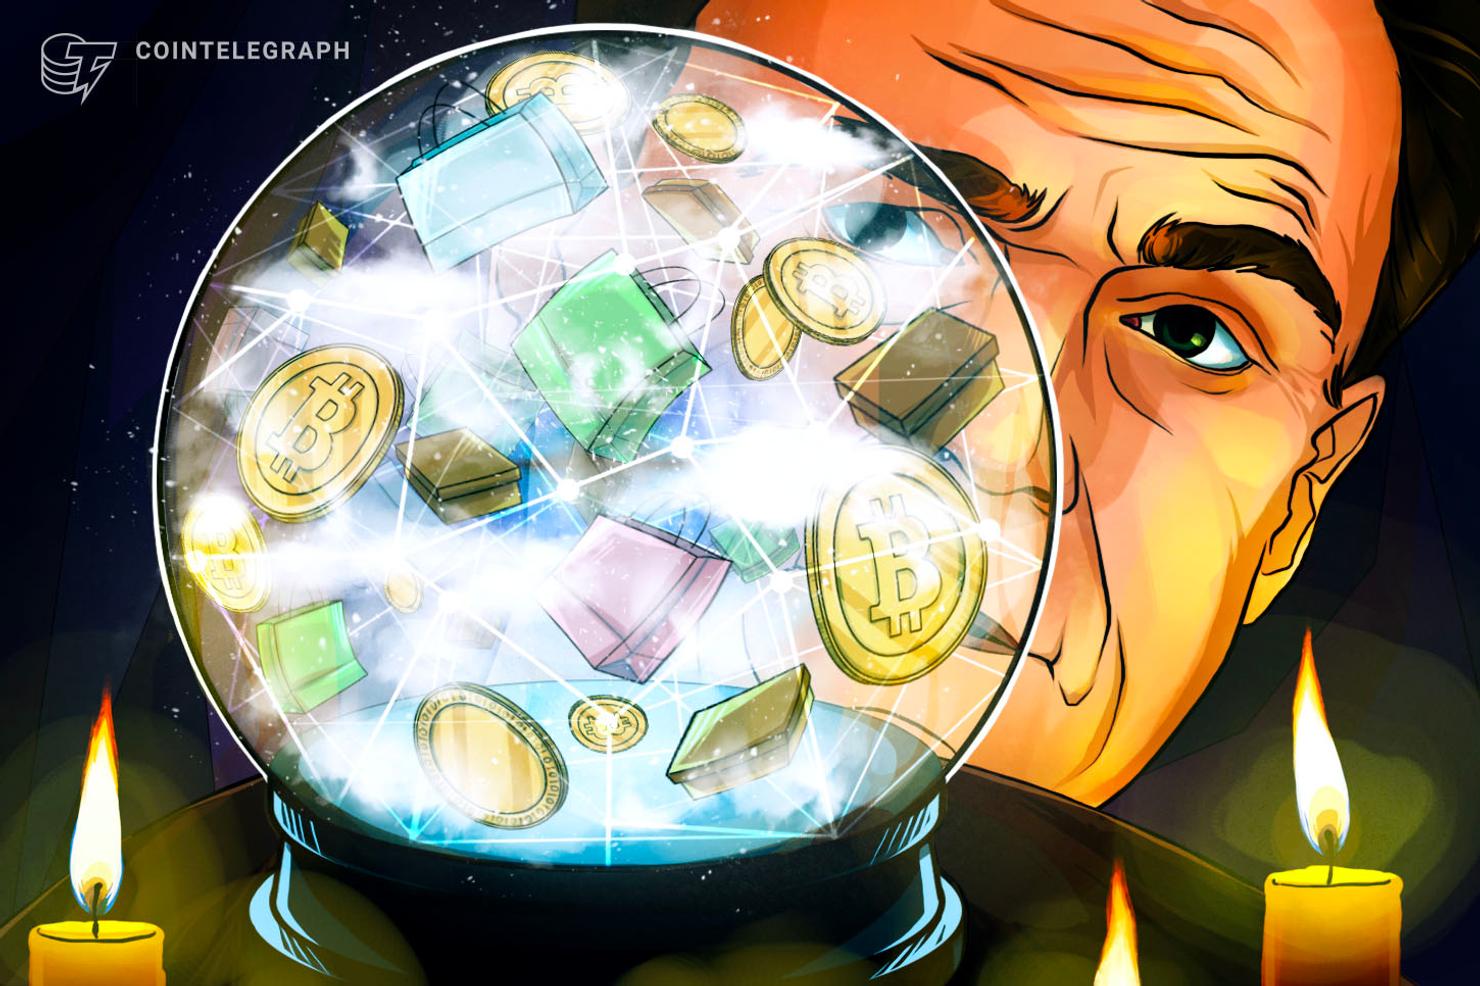 Los 100.000 dólares es la 'próxima zona de batalla' para el precio de Bitcoin, según el modelo Stock-to-Flow